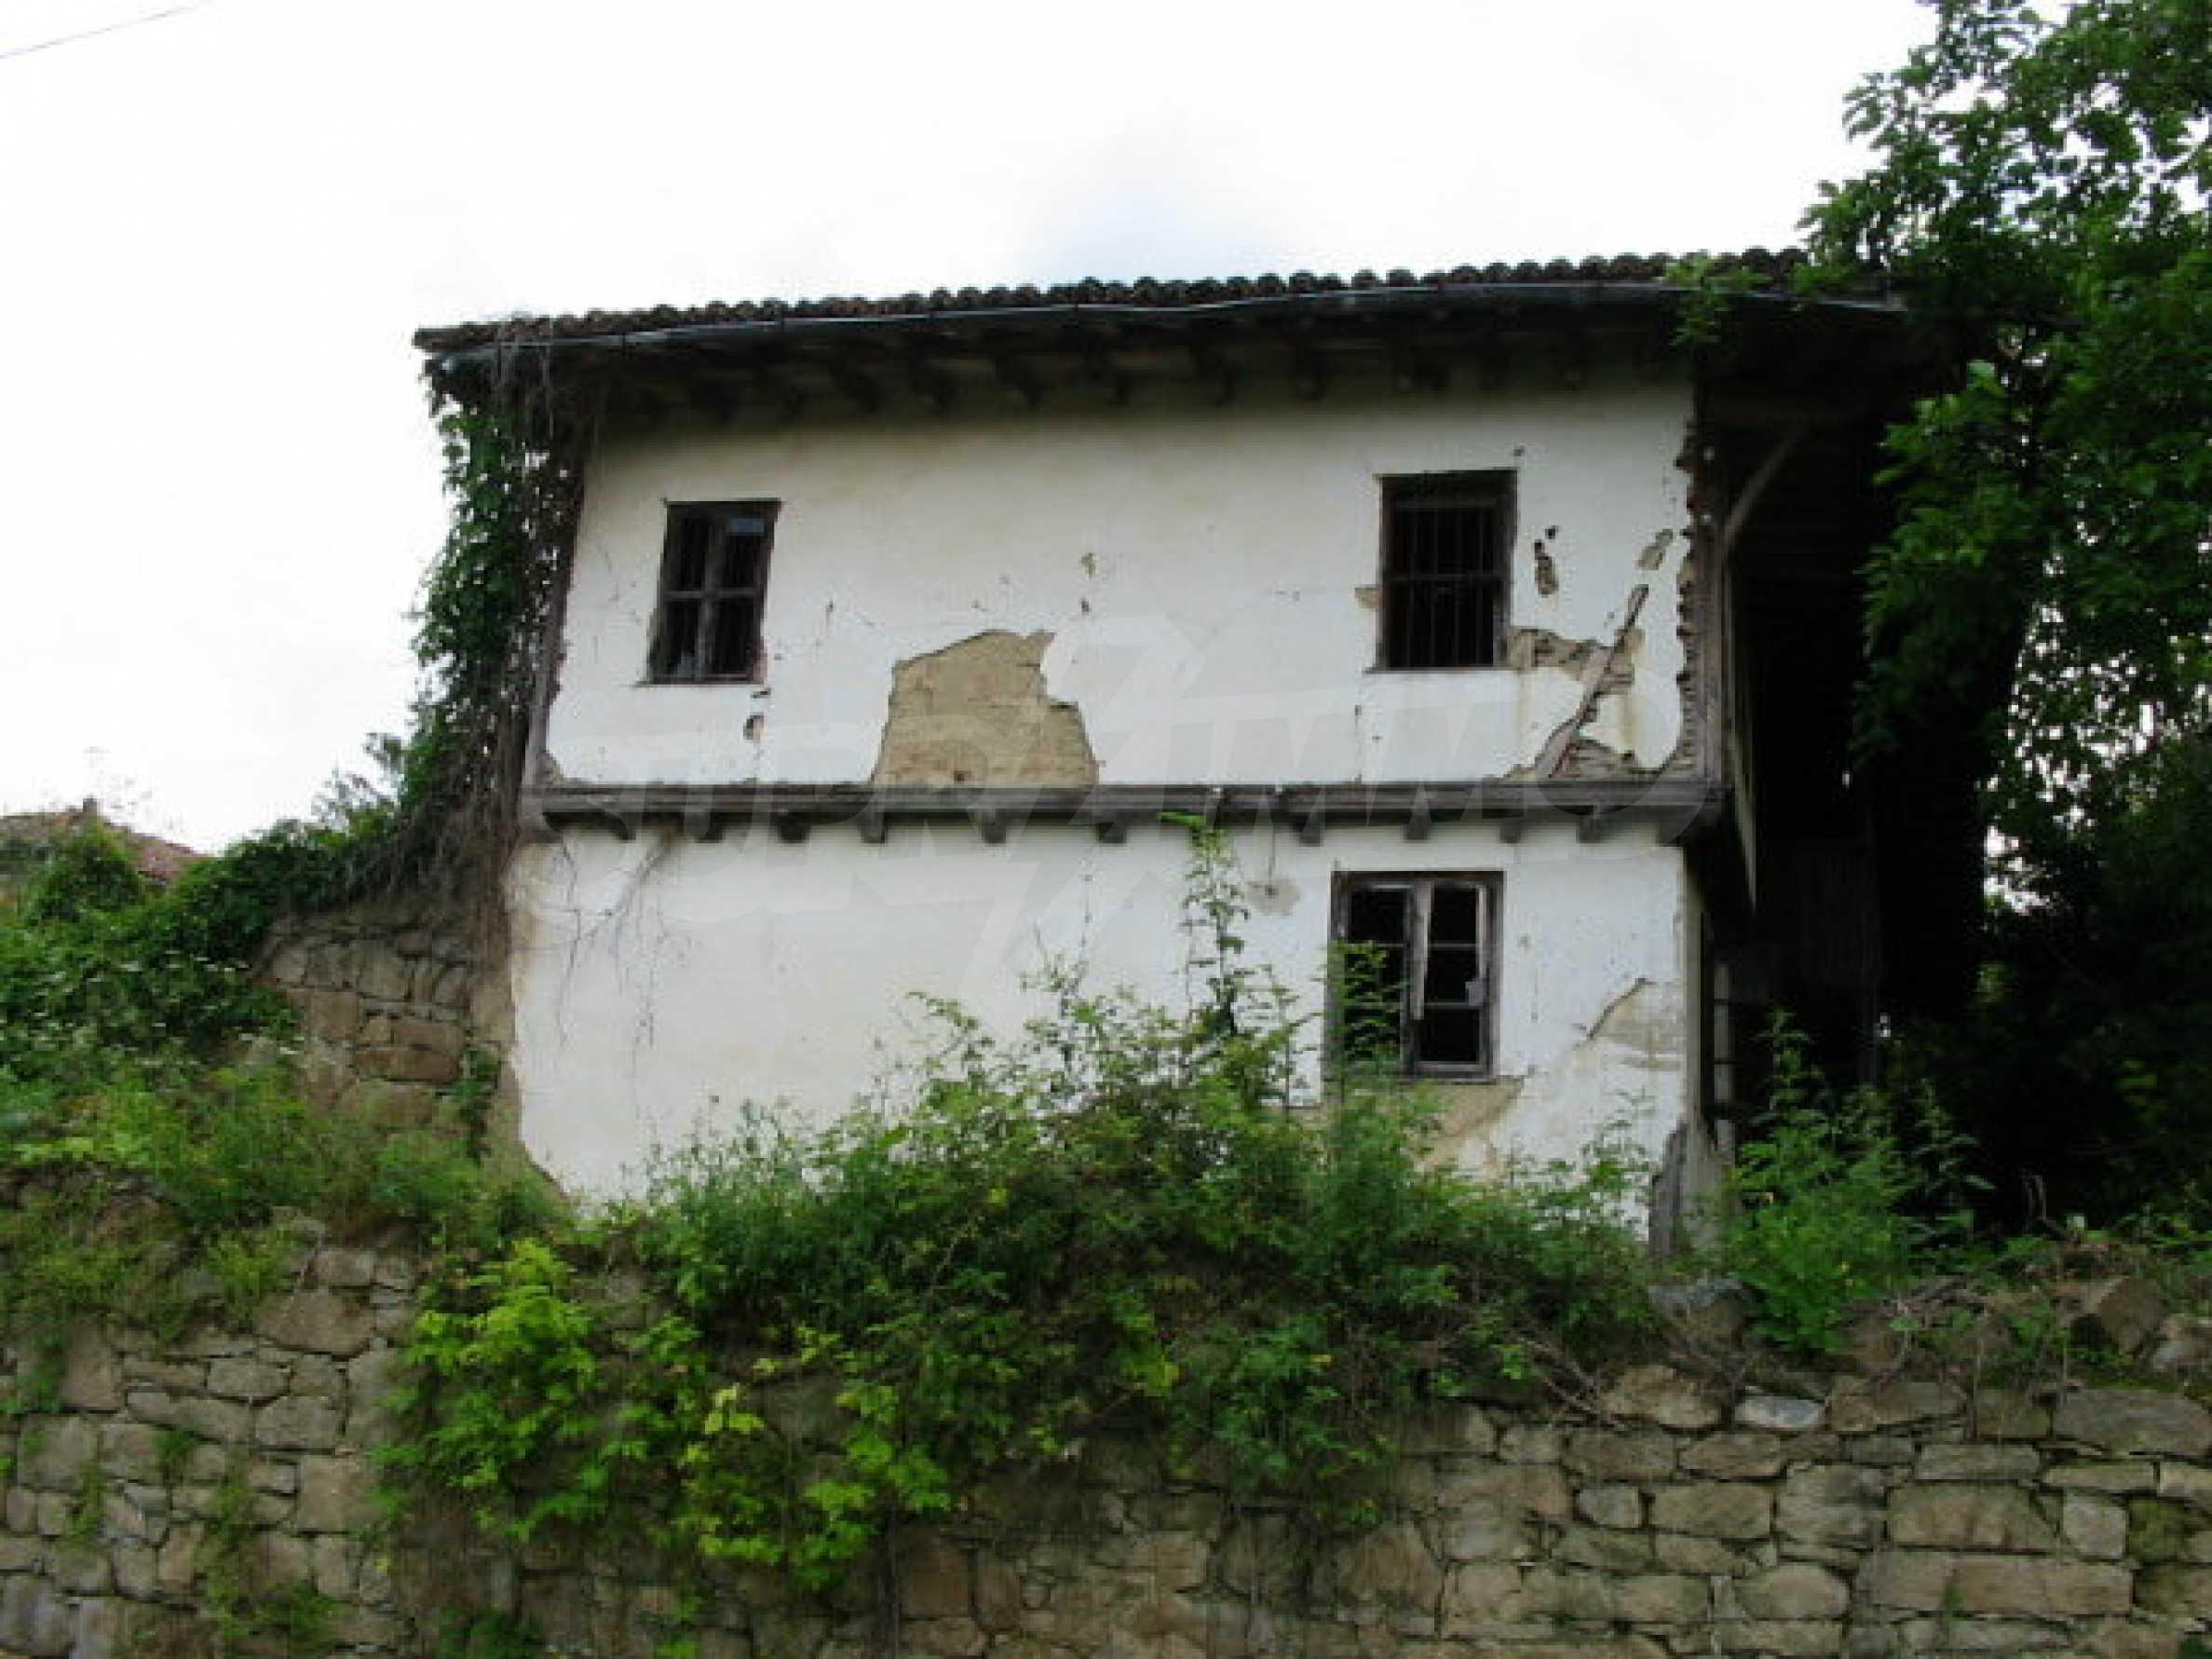 Двухэатжный дом, выстроенный в традиционном болгарском стиле 16